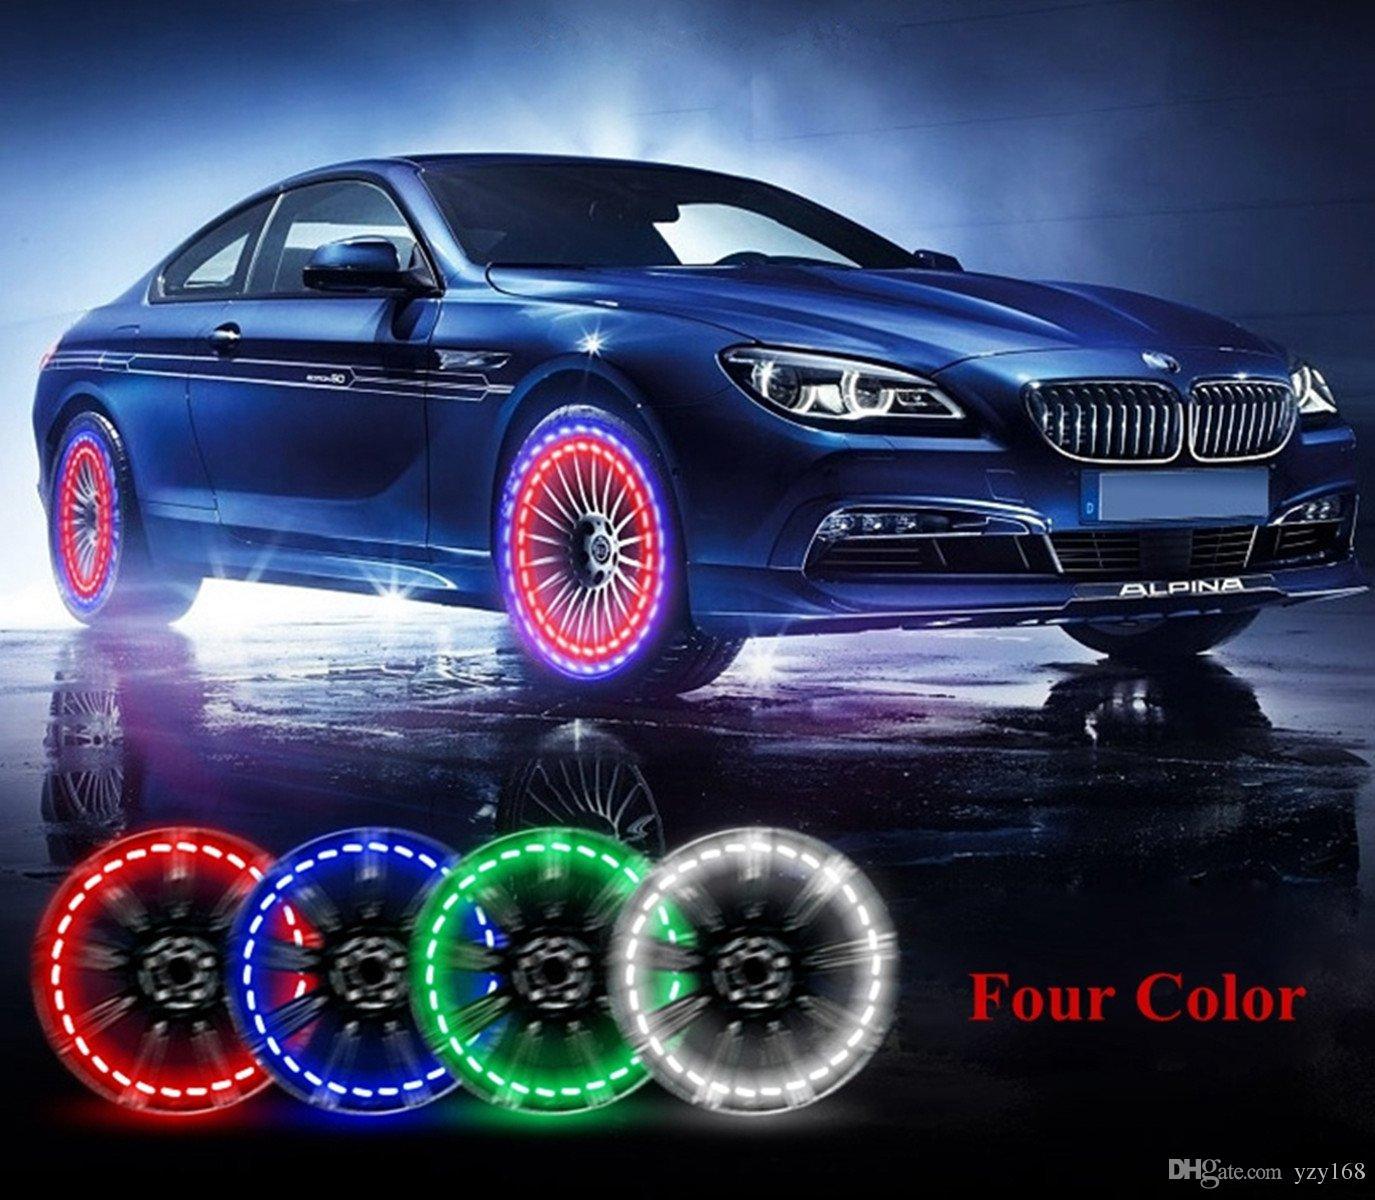 أضواء عجلة سيارة الإطارات ، 4 قطع الشمسية سيارة عجلة الاطارات صمام الهواء كاب ضوء مع مجسات الحركة الملونة الصمام الاطارات ضوء فوهة الغاز كاب استشعار الحركة